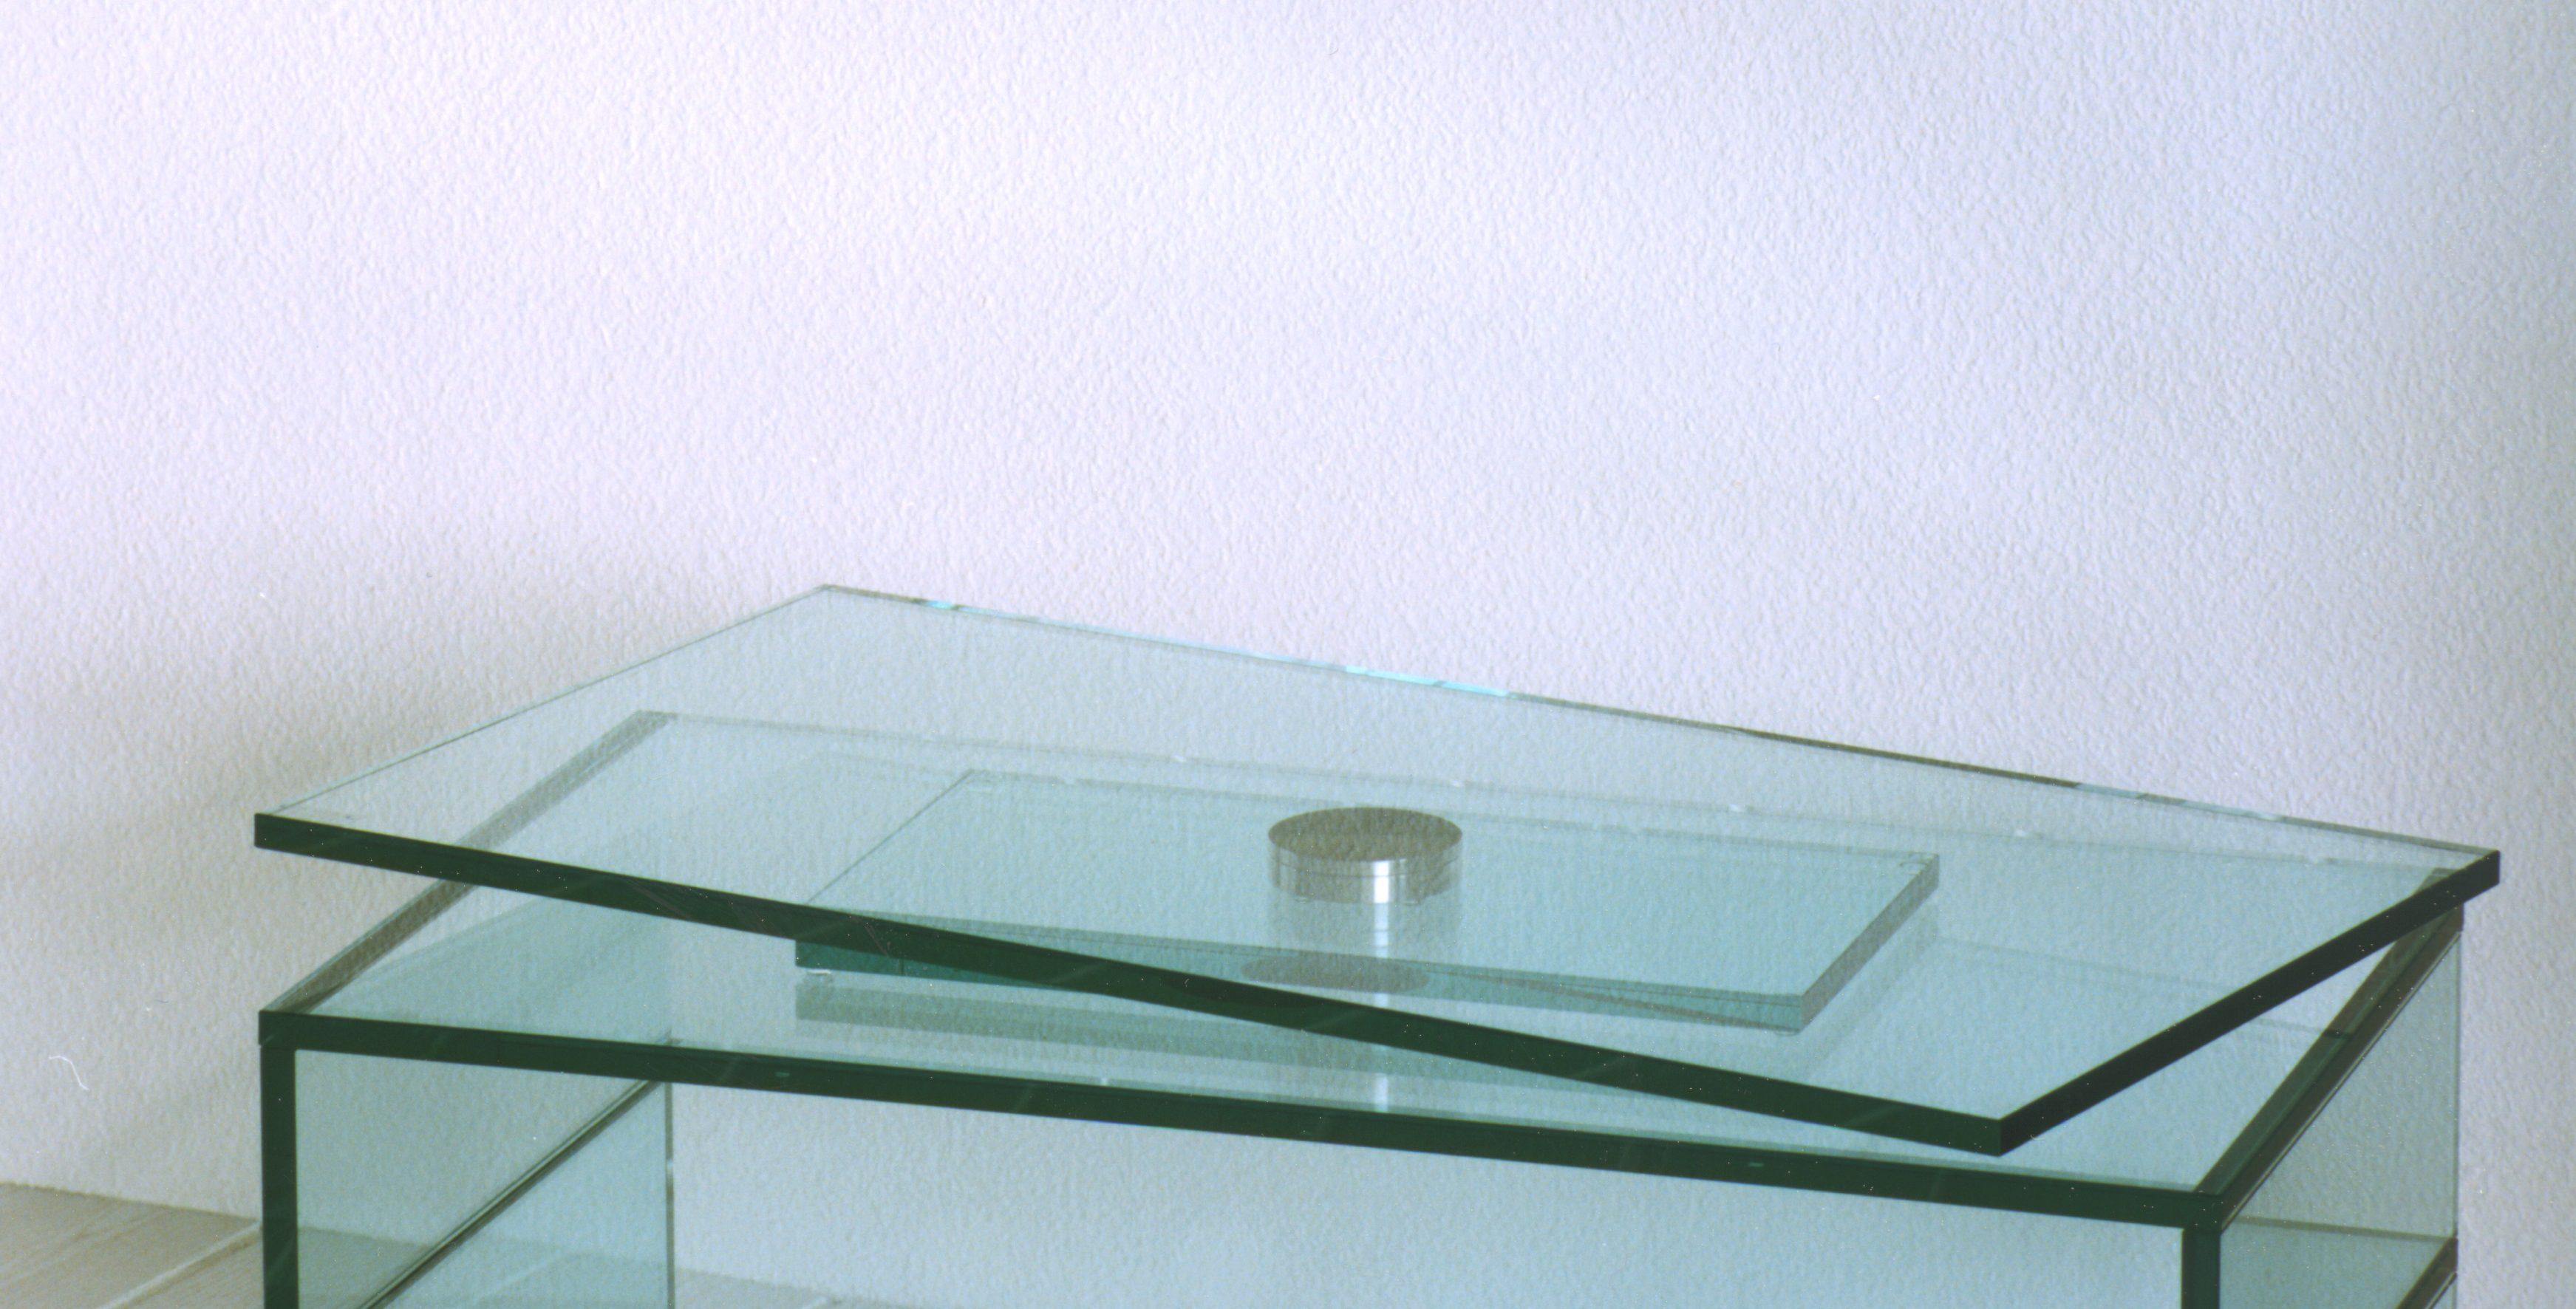 tv glasdrehteller drehtableau aus glas paul snajdar glasm bel. Black Bedroom Furniture Sets. Home Design Ideas